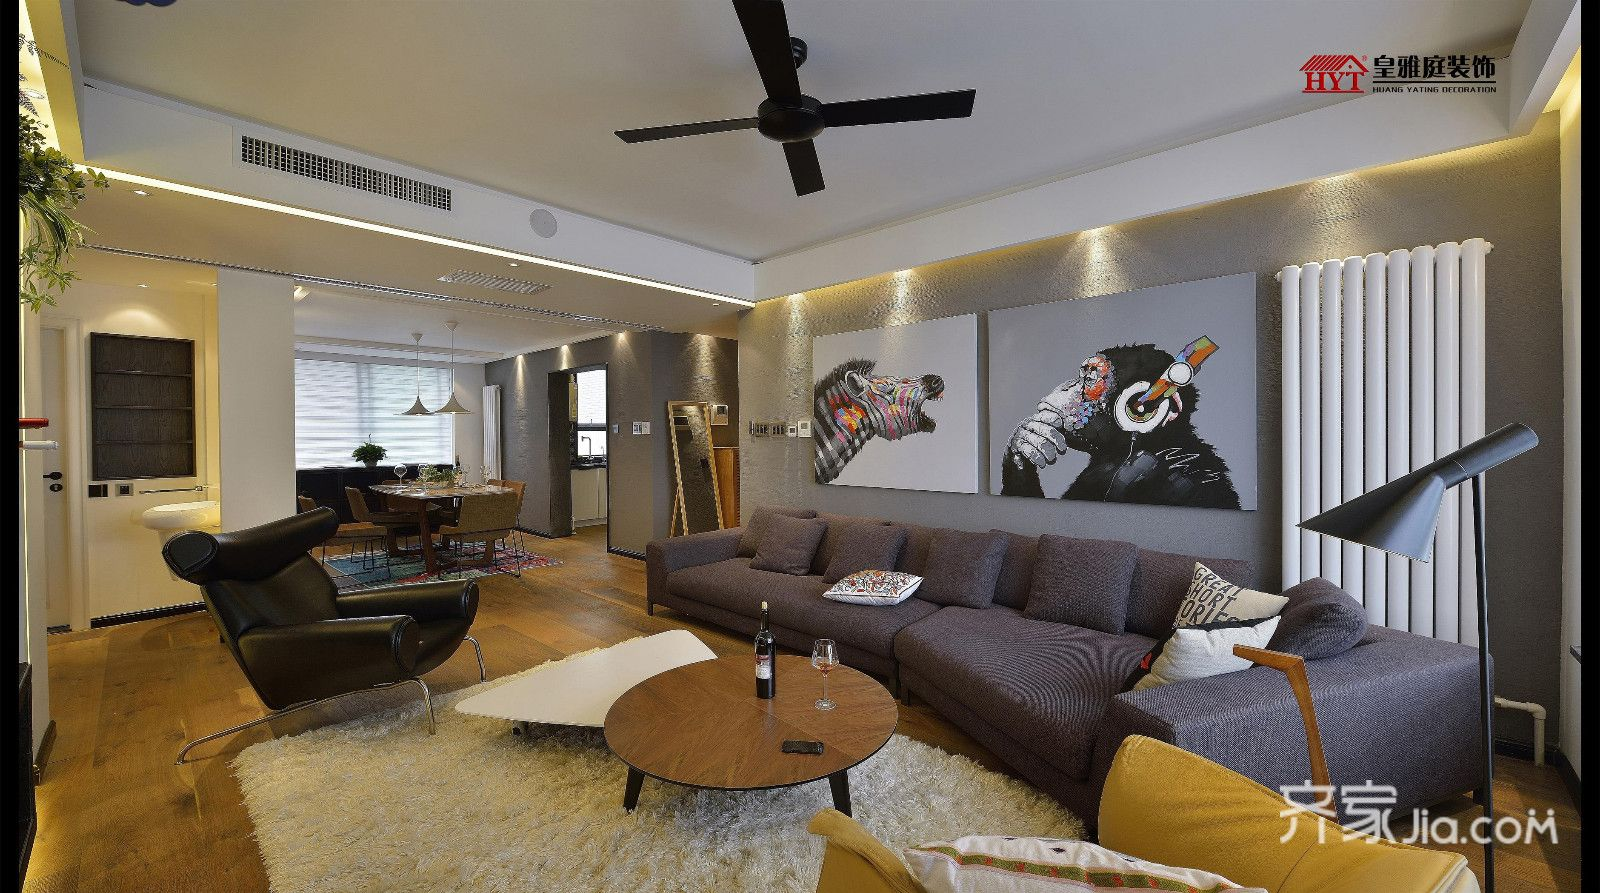 客厅运用创意设计手法凸出电视背景与吊顶造型的创意个性 客厅造型图片